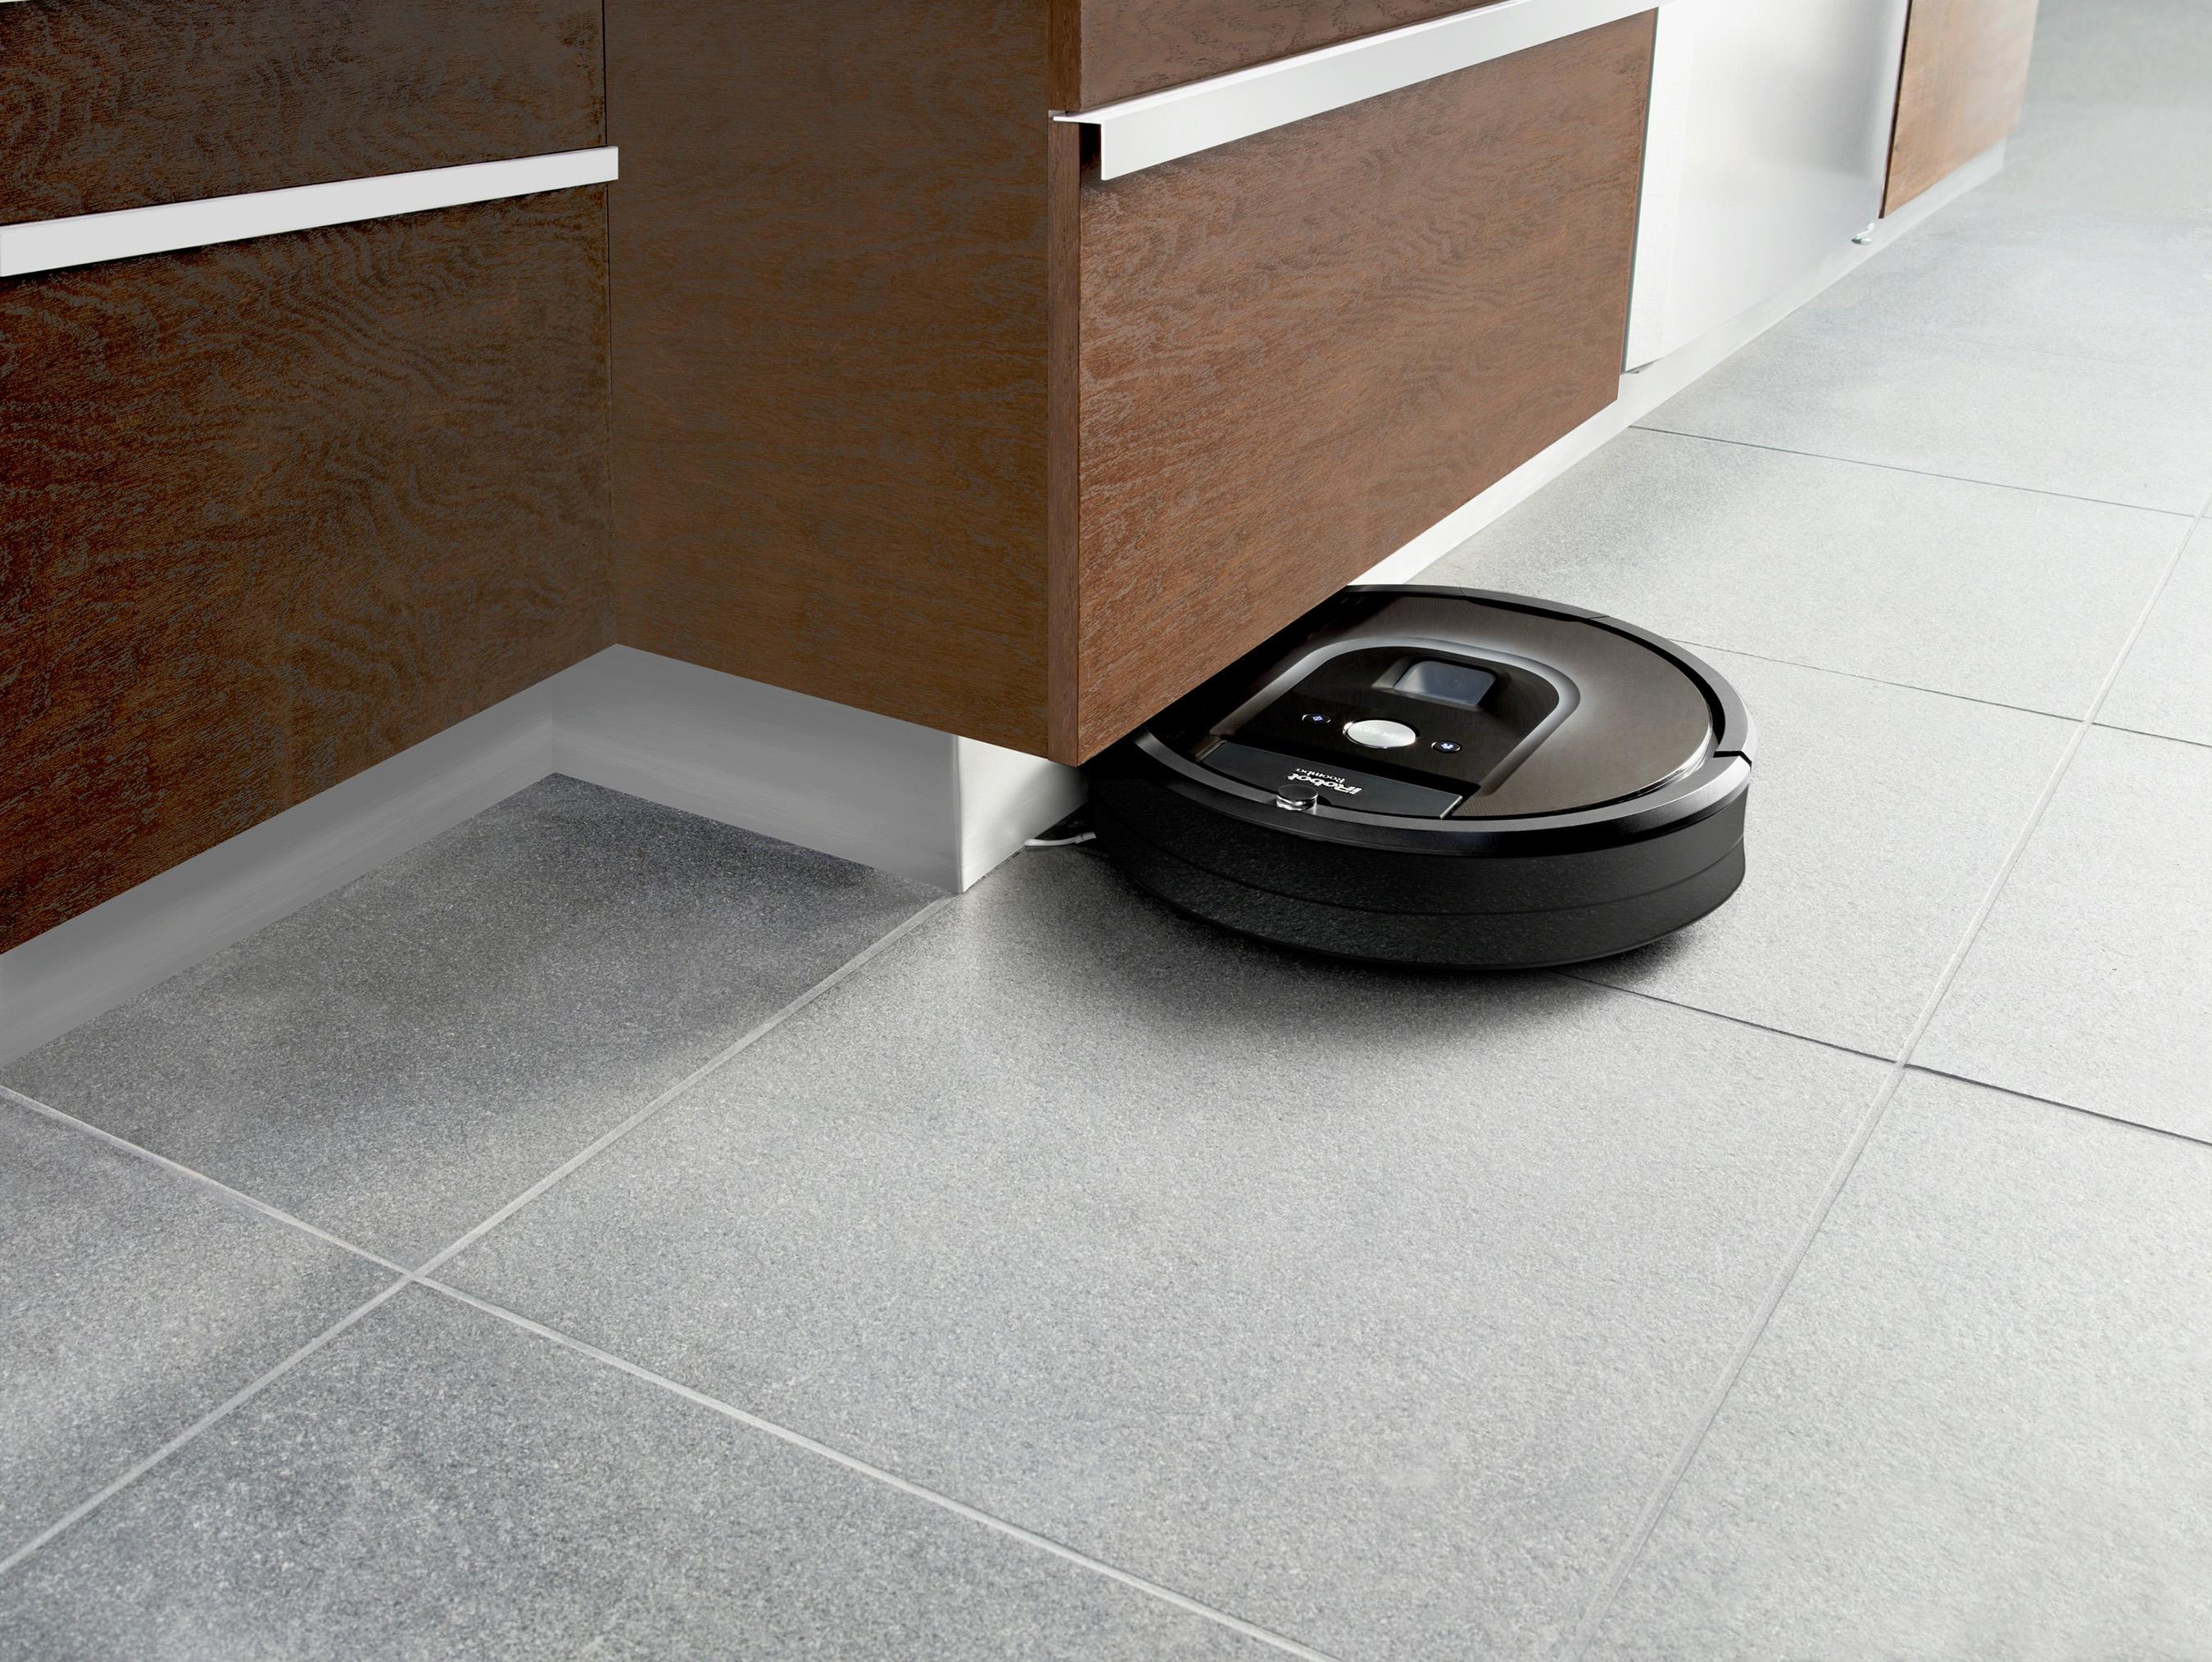 Roomba 980 U2013 Kitchen